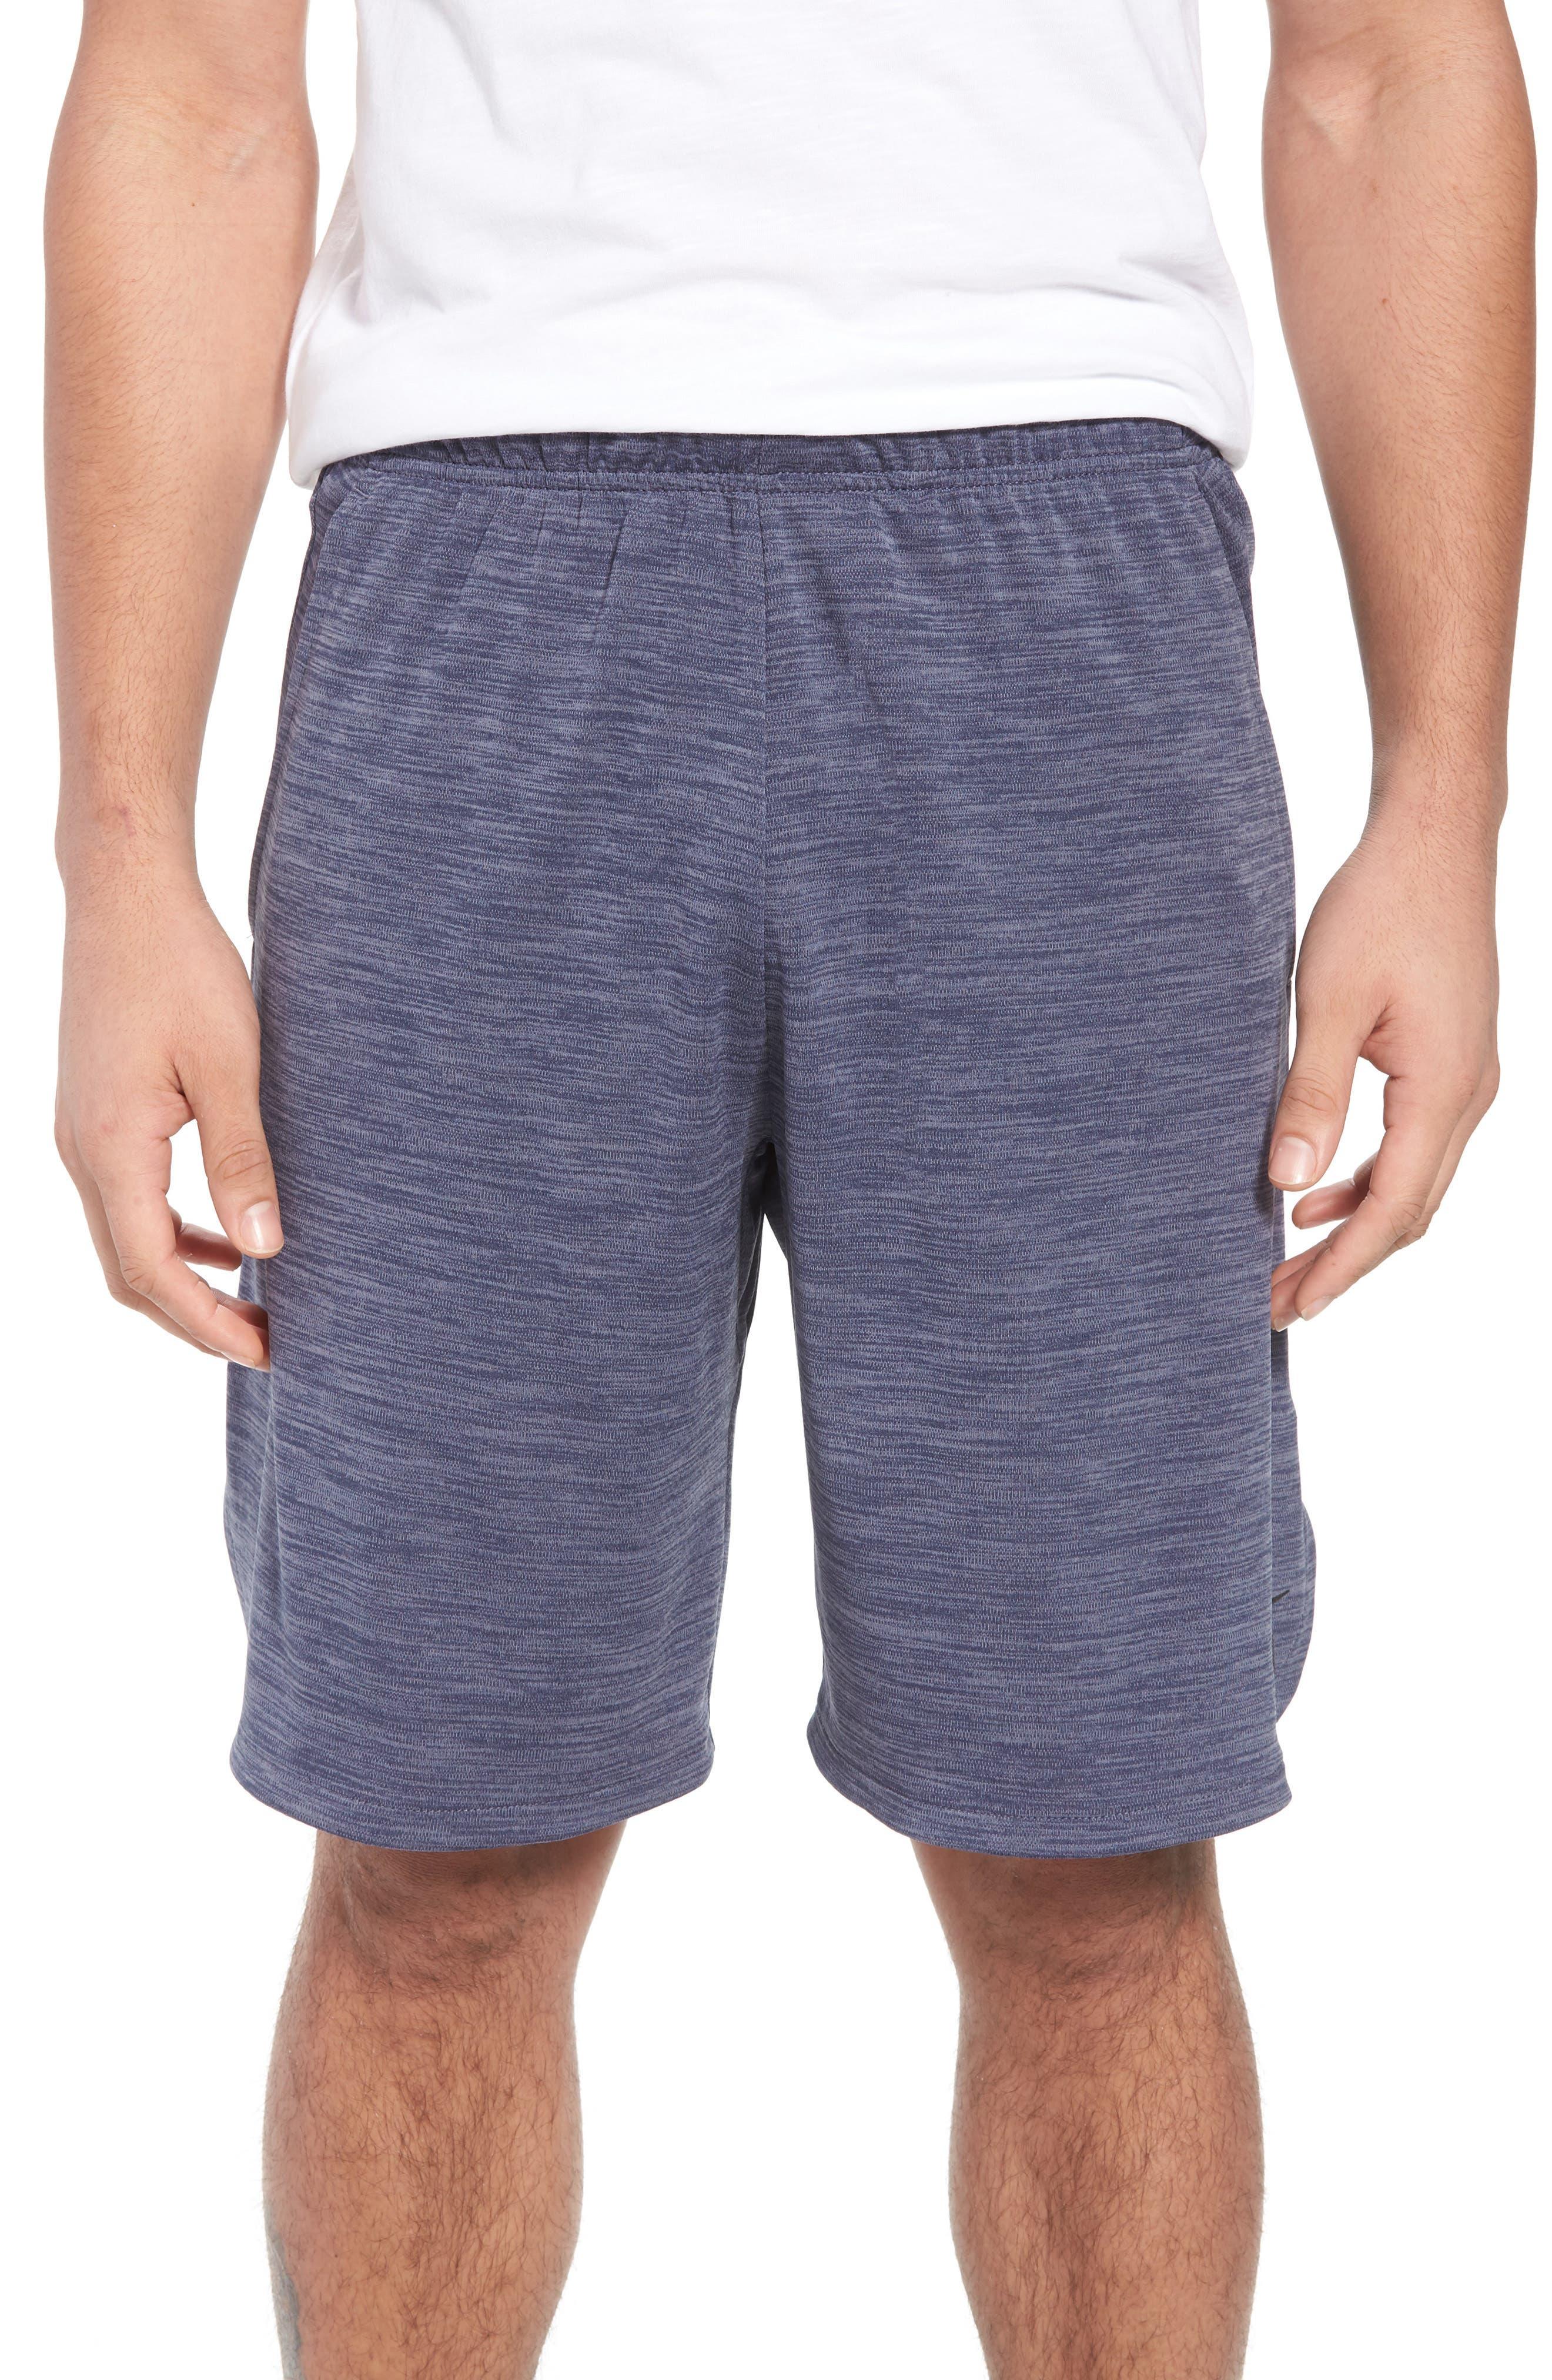 NIKE Dry Training Shorts, Main, color, LIGHT CARBON/ BLACK